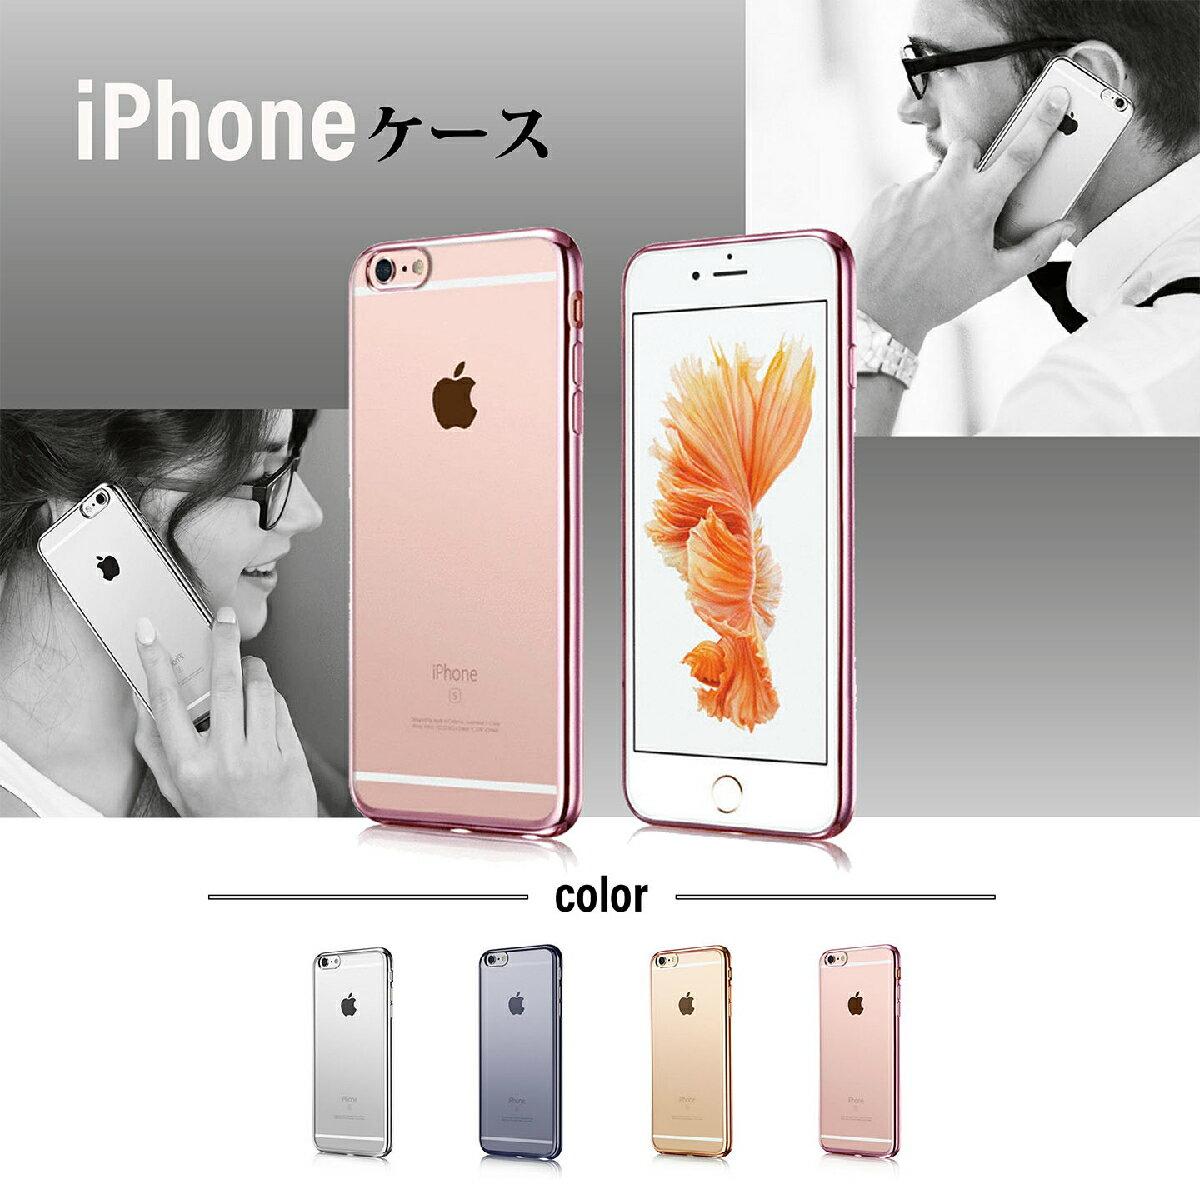 送料無料 iPhone ソフトケース iPhoneX iPhone8 iphone7 iPhone6s iphoneSE ケース アイフォン iPhone5s iPhone5 ソフト スマホケース シリコン クリアケース